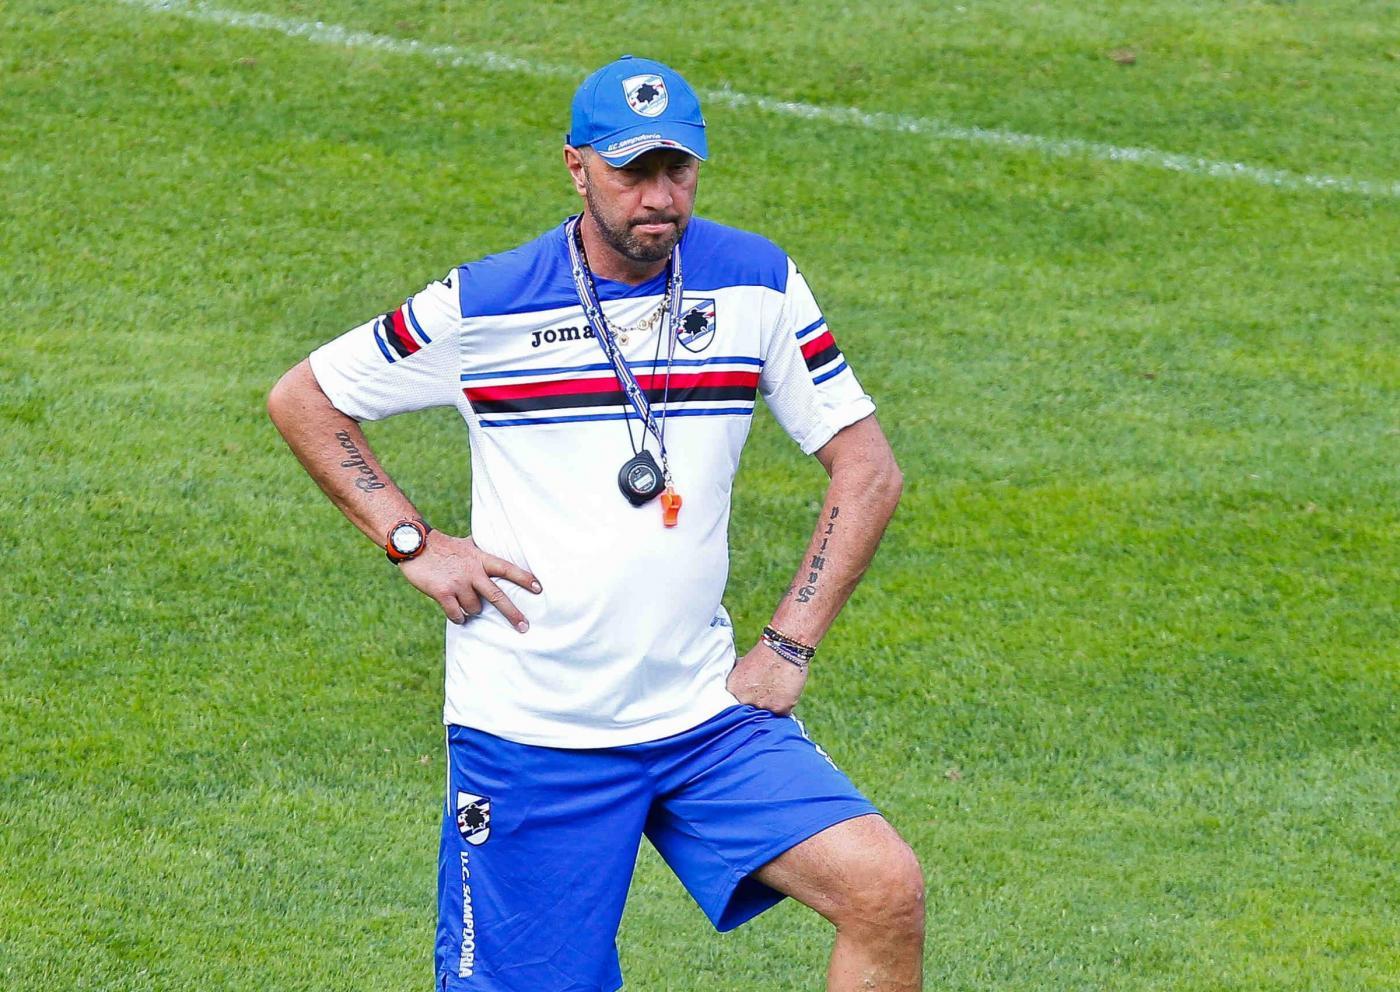 Sampdoria umiliata in Europa League: 0-4 contro il Vojvodina